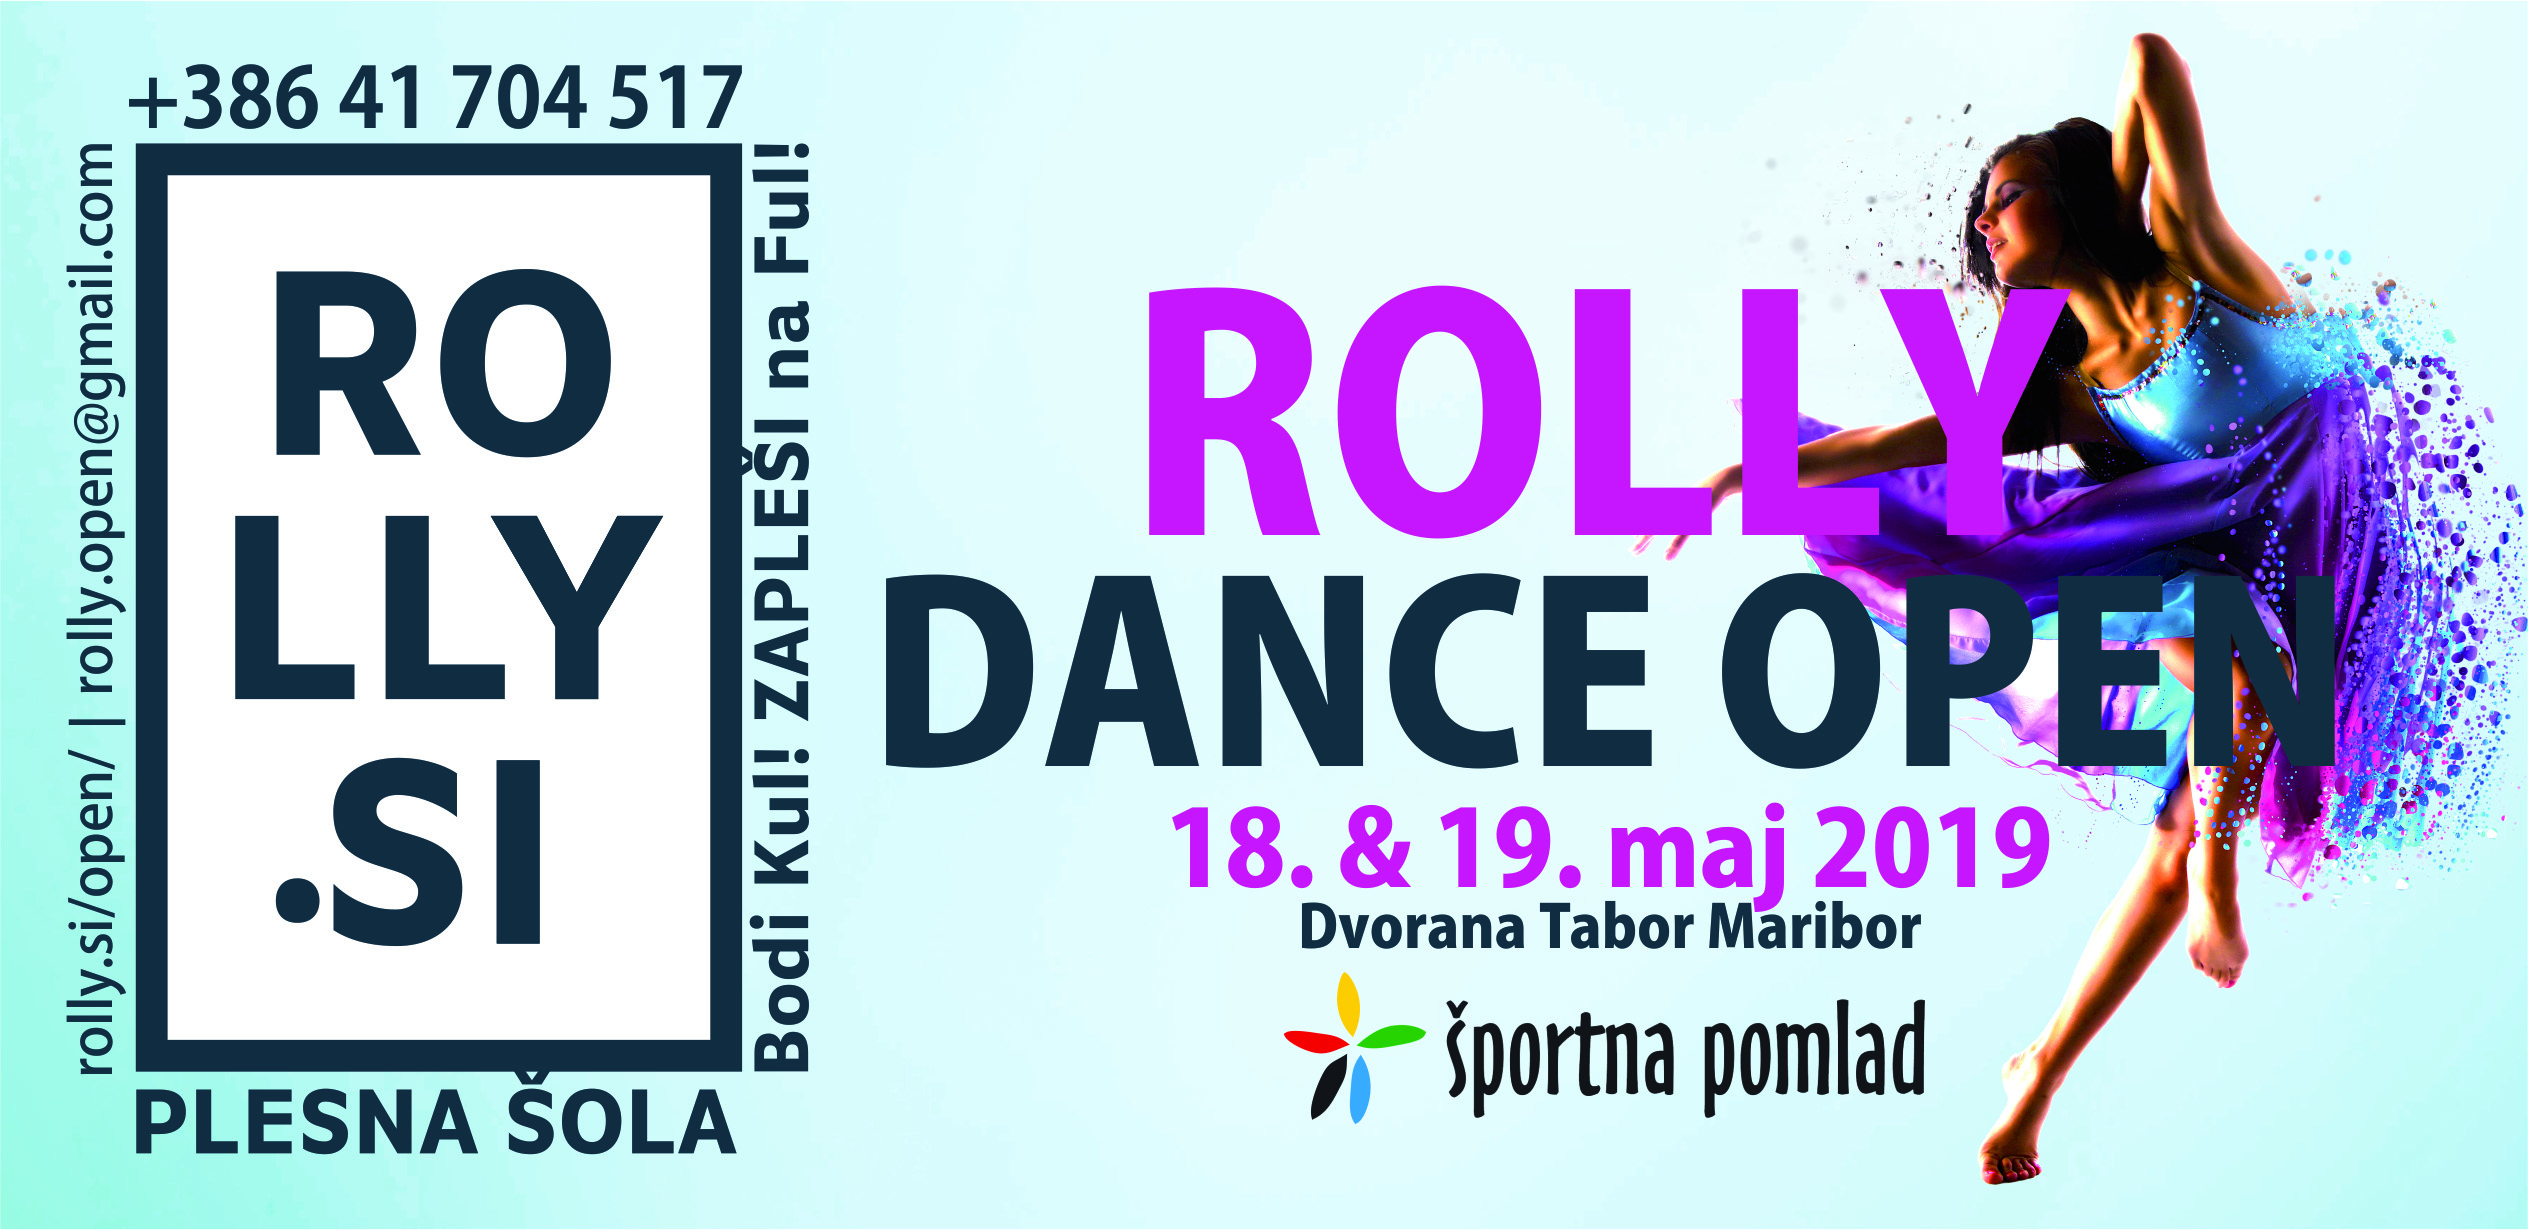 Rolly Dance Open 2019 01